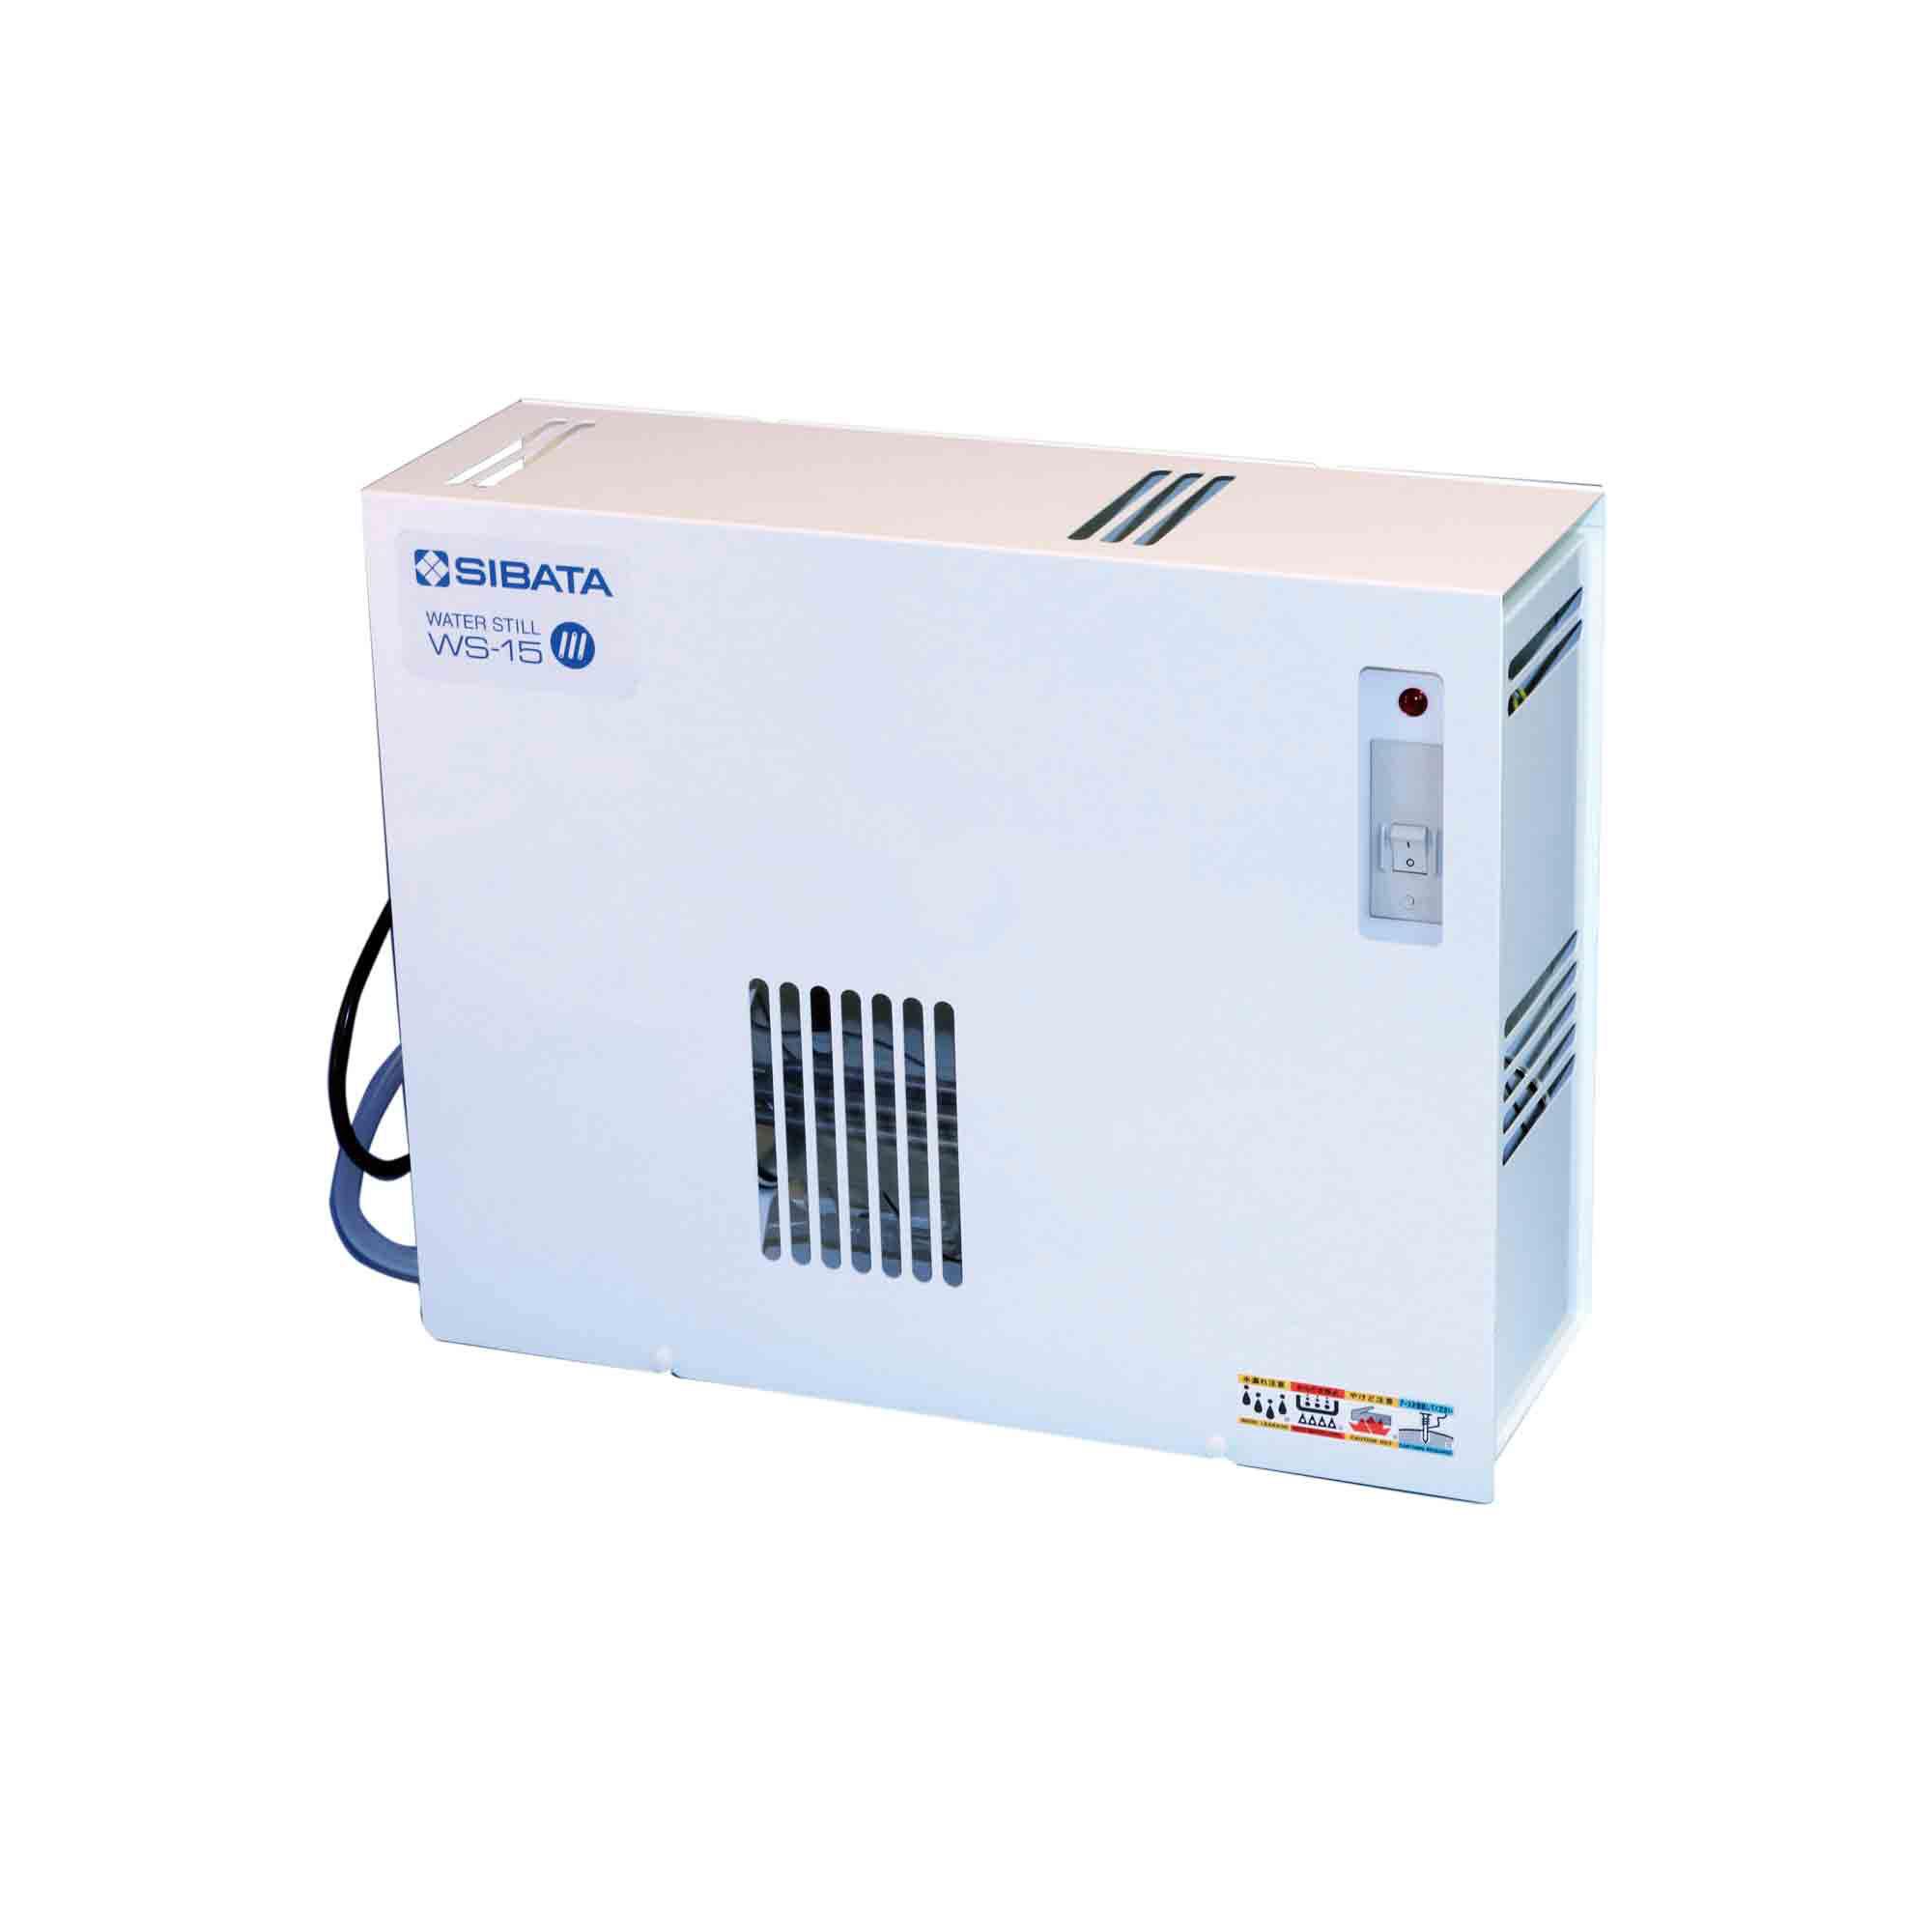 053140-15 卓上蒸留水製造装置 WS-15 柴田科学(SIBATA)